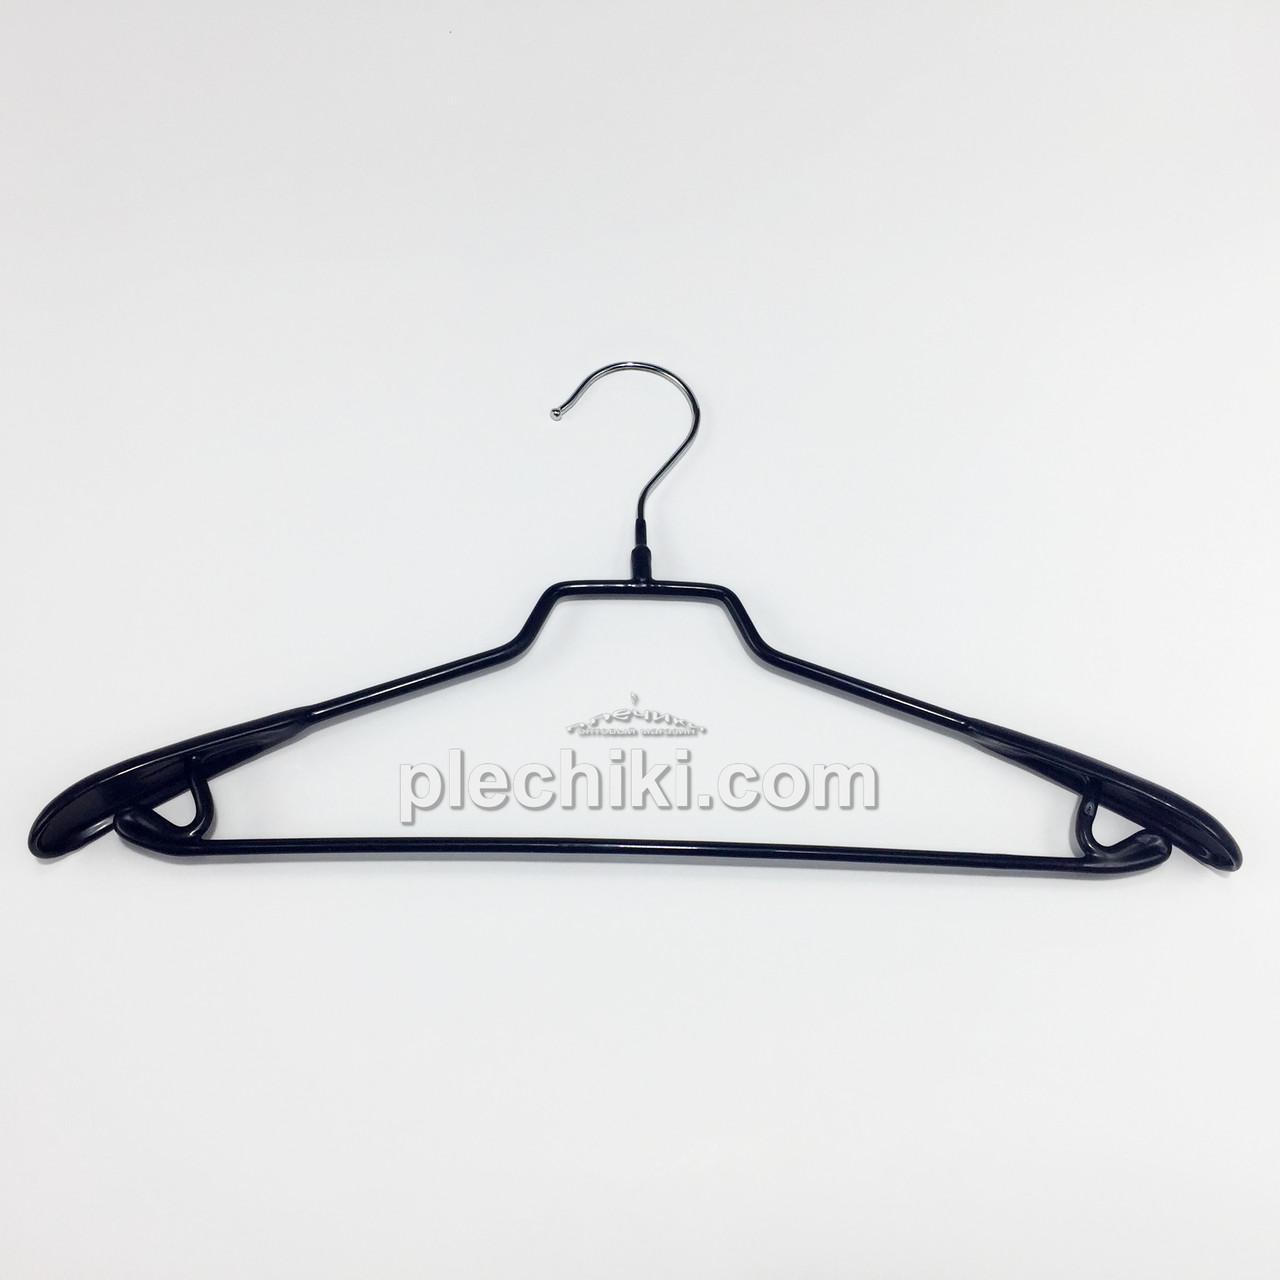 Металлические плечики вешалки тремпеля в силиконовом покрытии широкие черного цвета, длина 420 мм